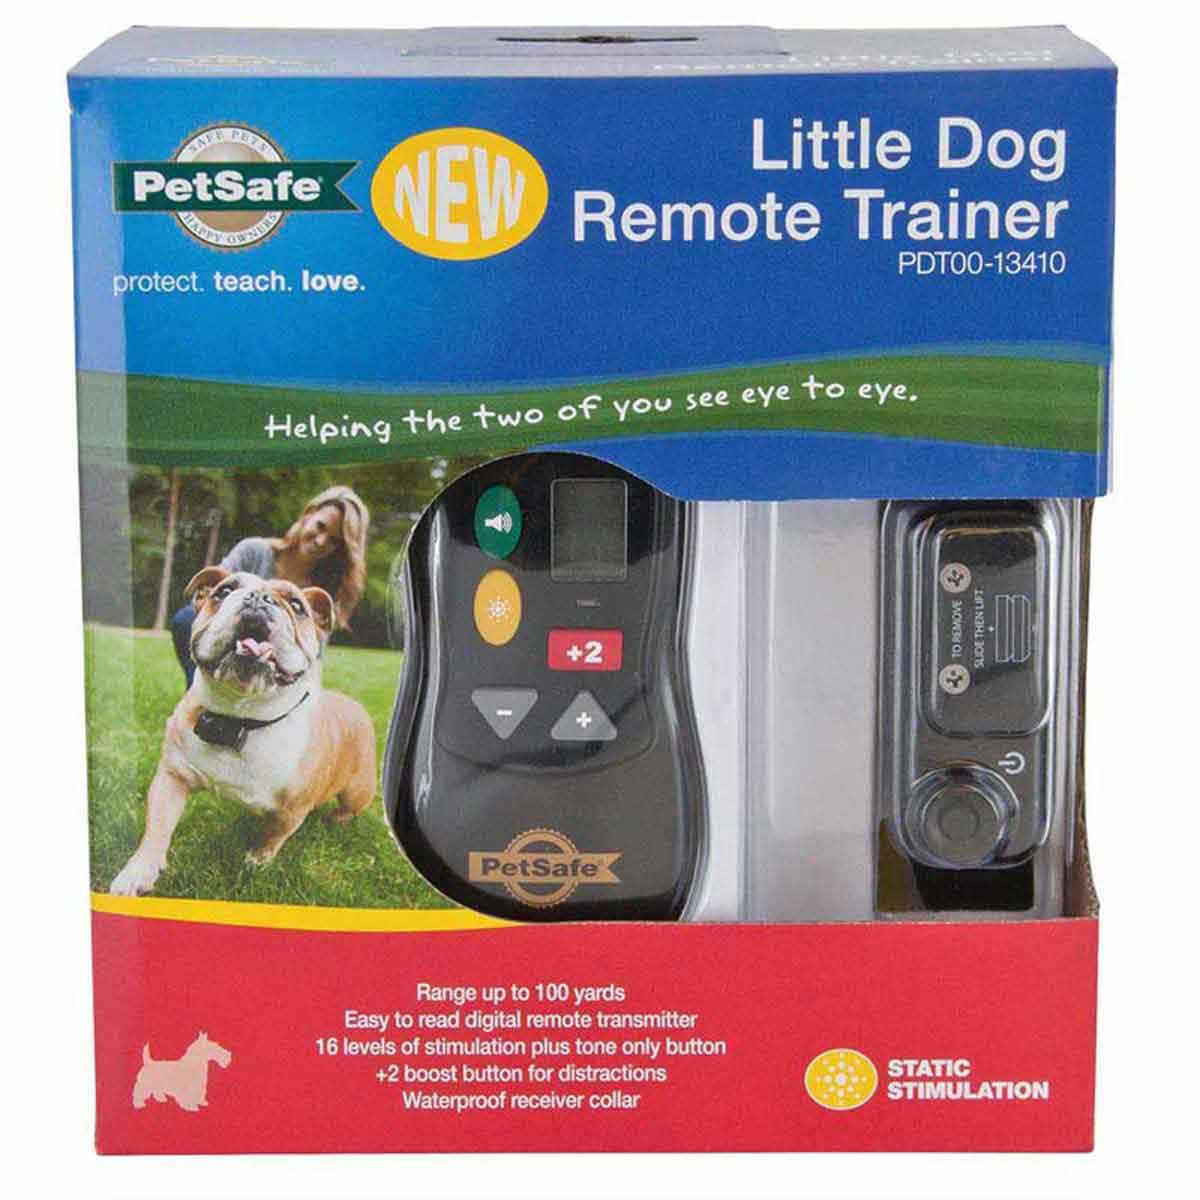 PetSafe Little Dog Remote Trainer